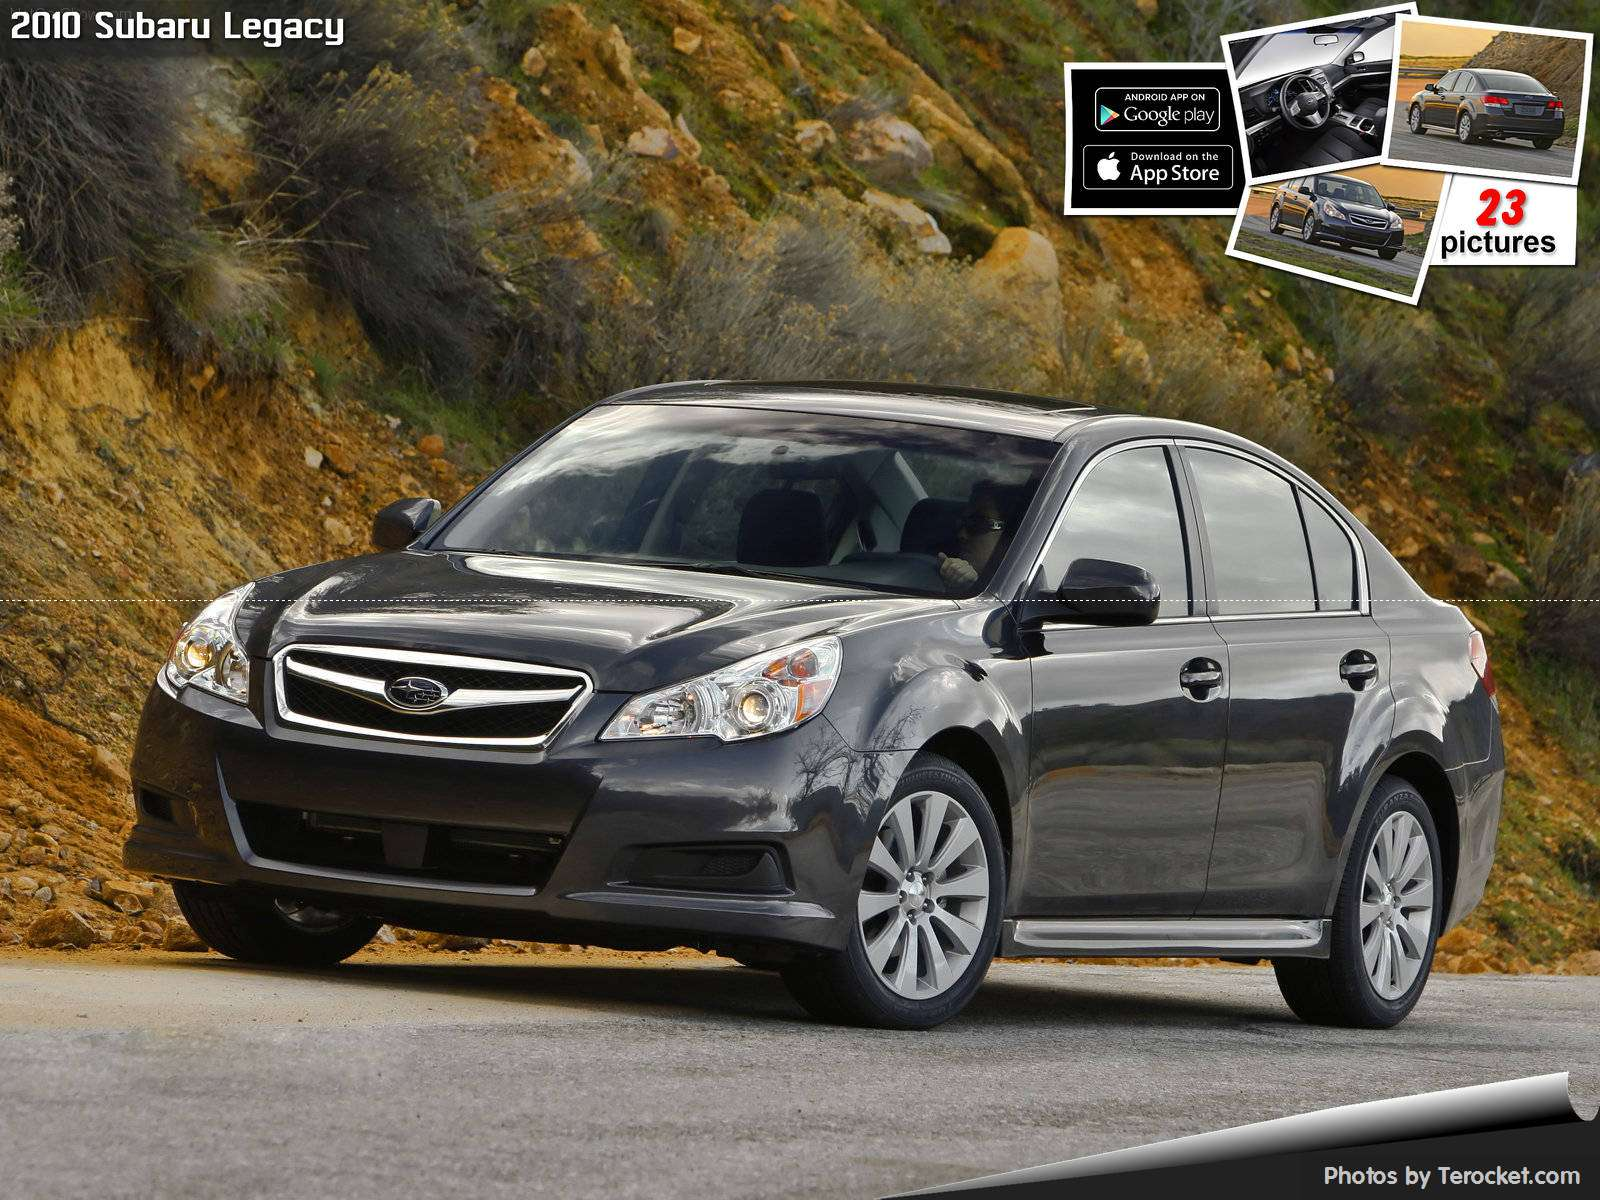 Hình ảnh xe ô tô Subaru Legacy 2010& nội ngoại thất